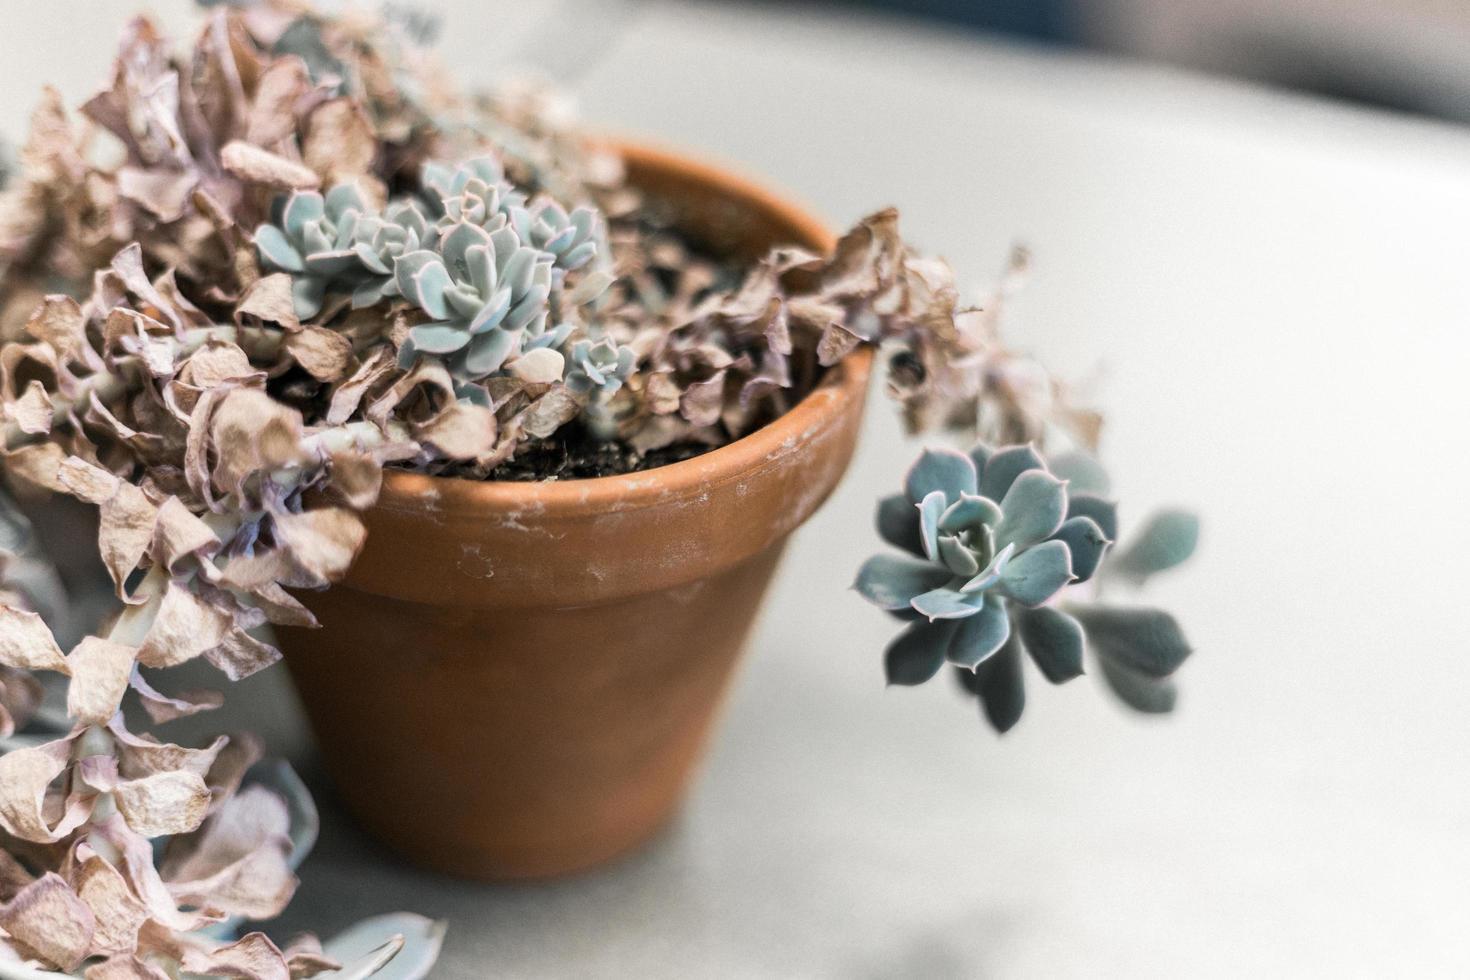 plante succulente verte séchée photo